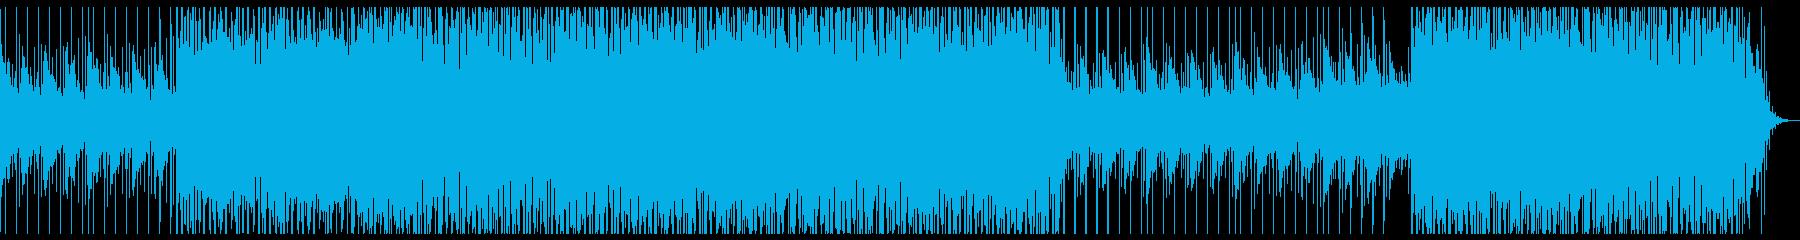 ポップで明かるいトロピカルハウス の再生済みの波形